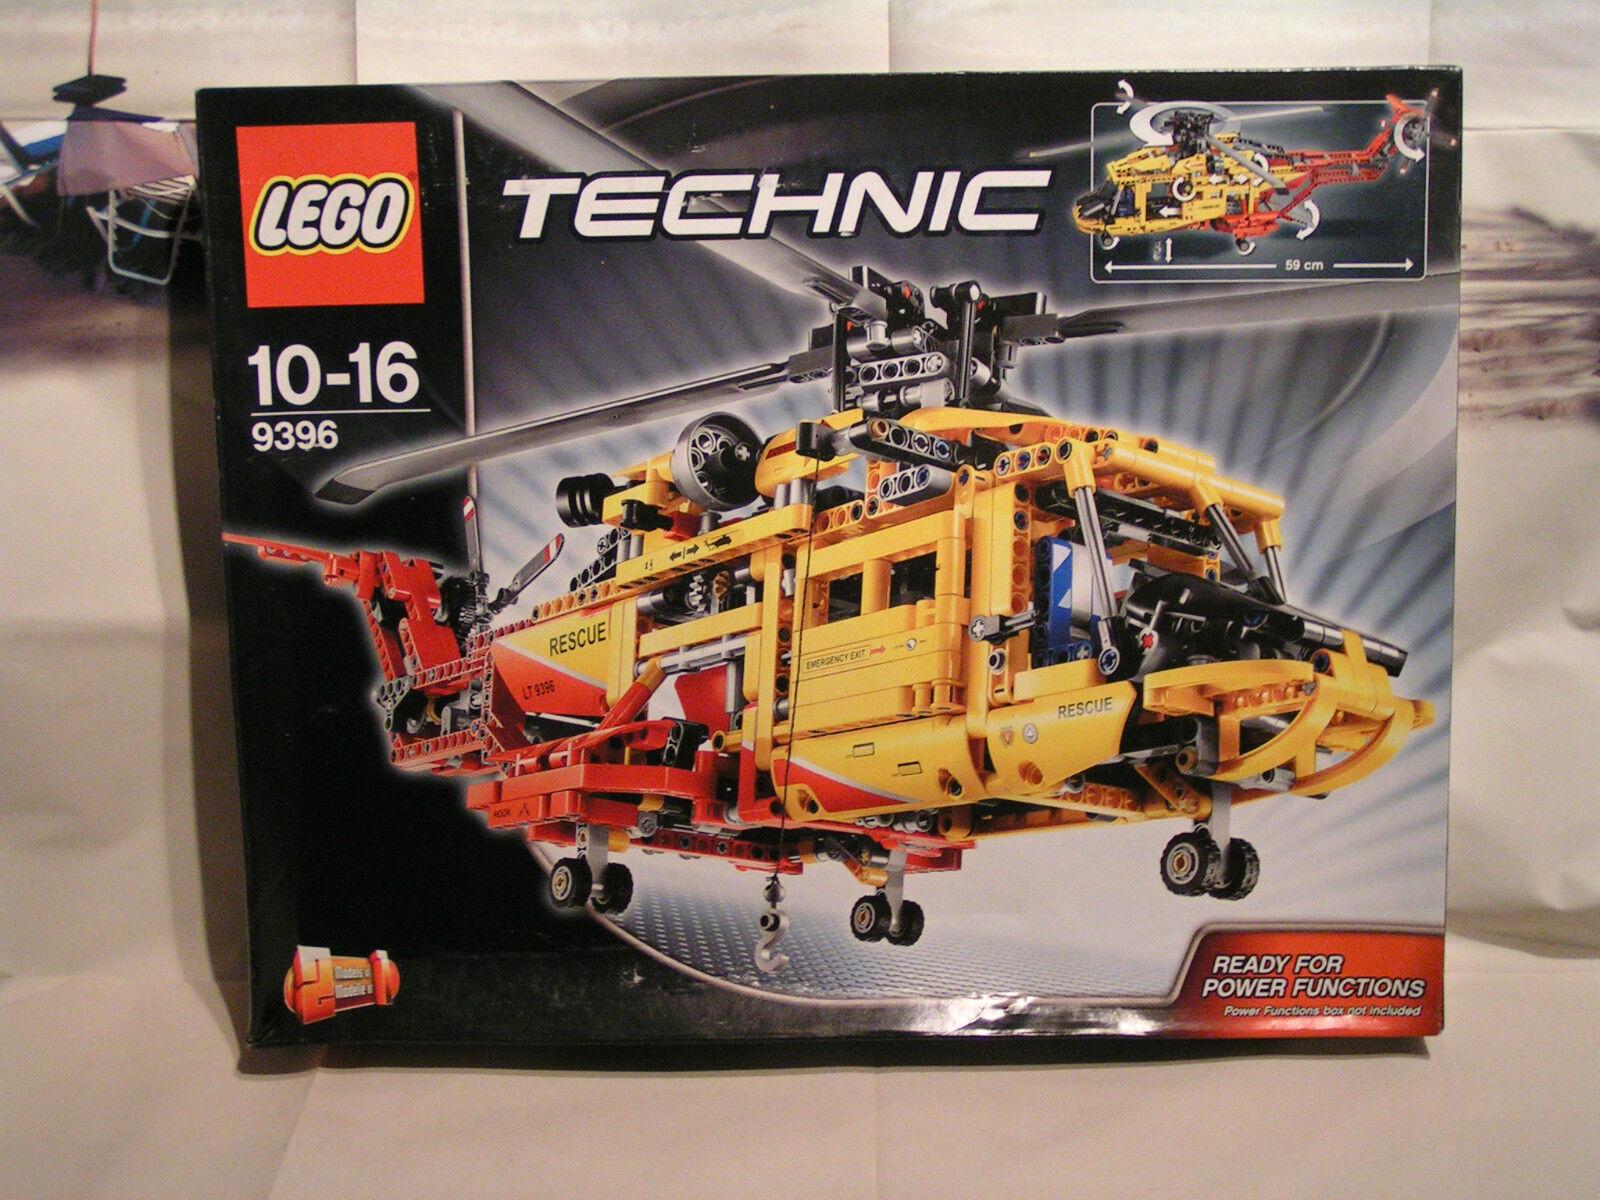 LEGO TECHNIC - HELICOPTERE DE SECOURS  prêt pour  POWER FUNCTIONS  ref. 9396